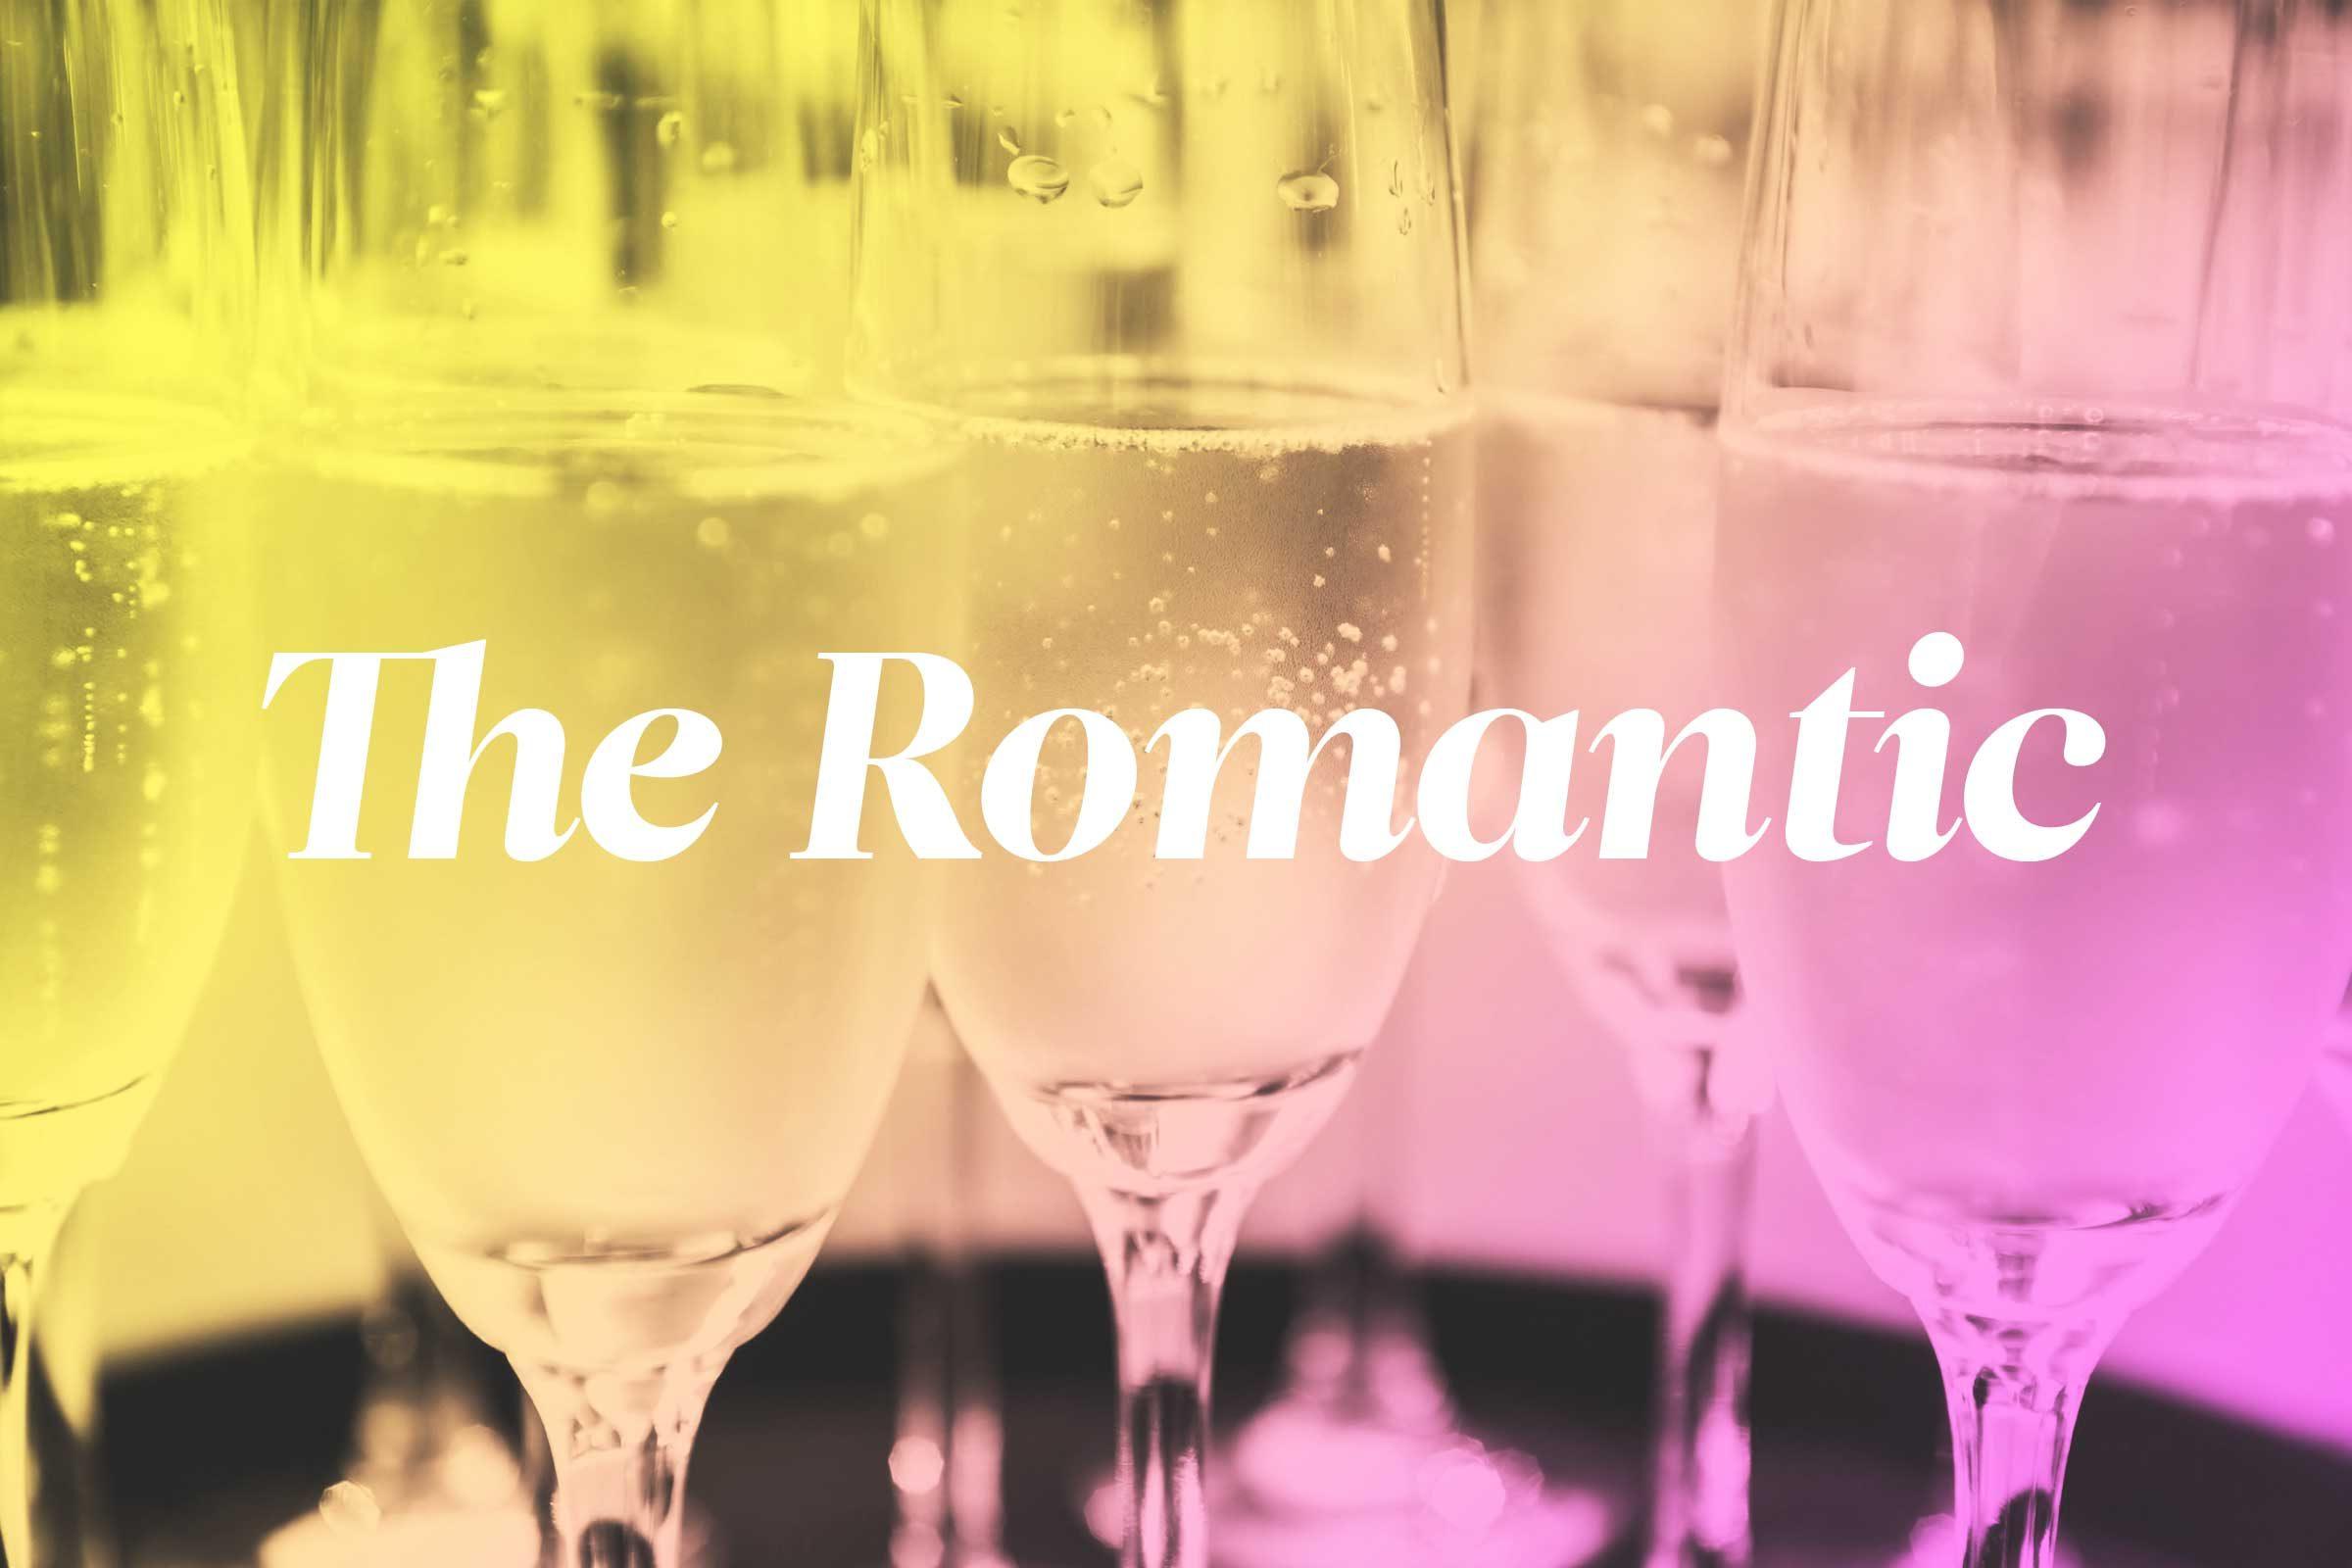 people you meet at weddings romantic